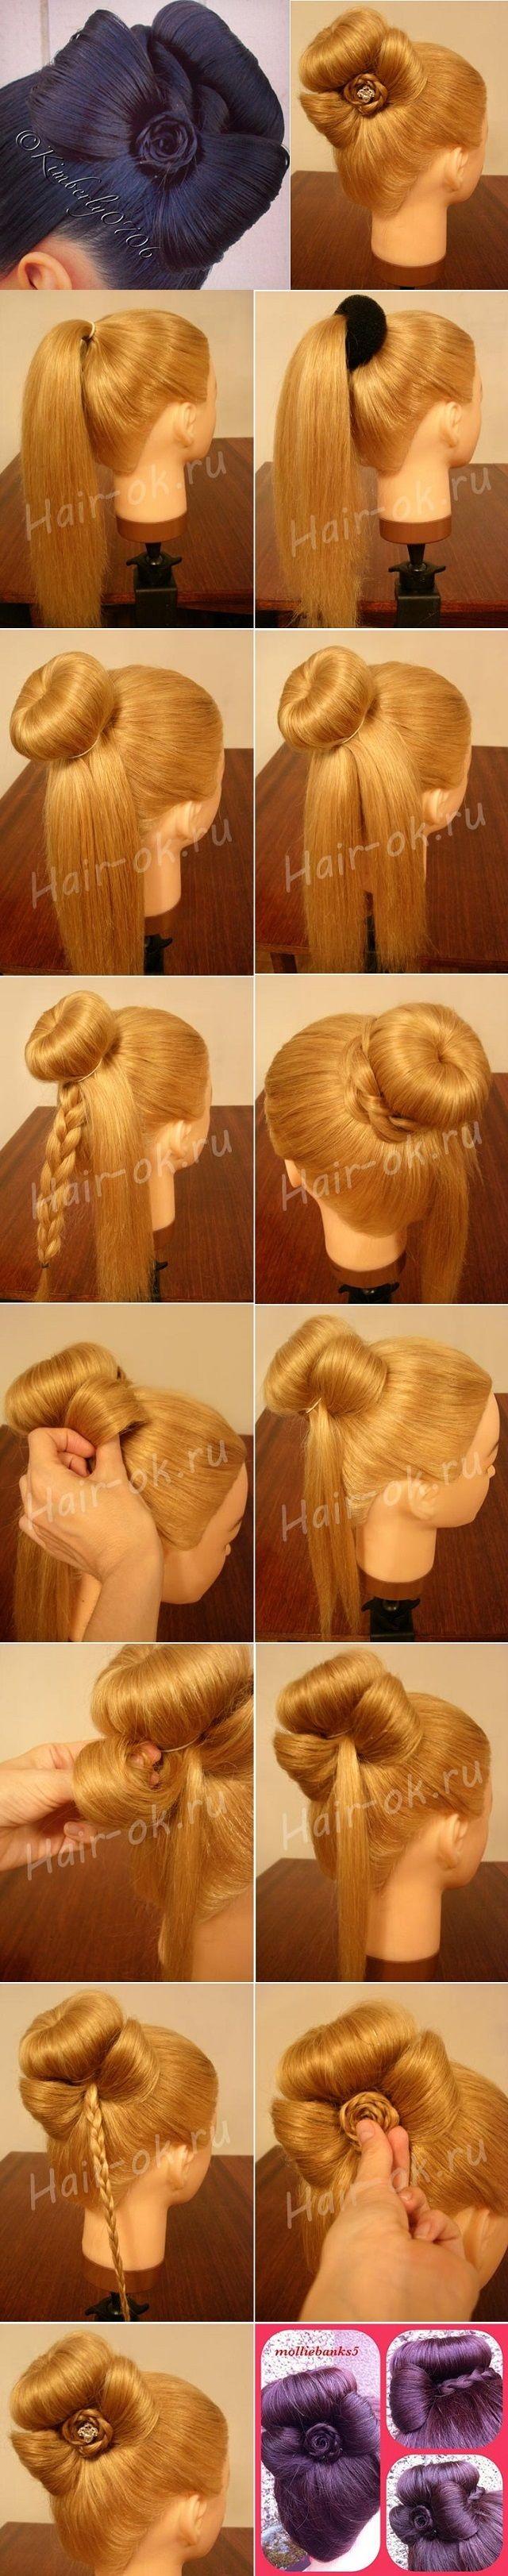 Как сделать бант из волос - пошаговая инструкция 54